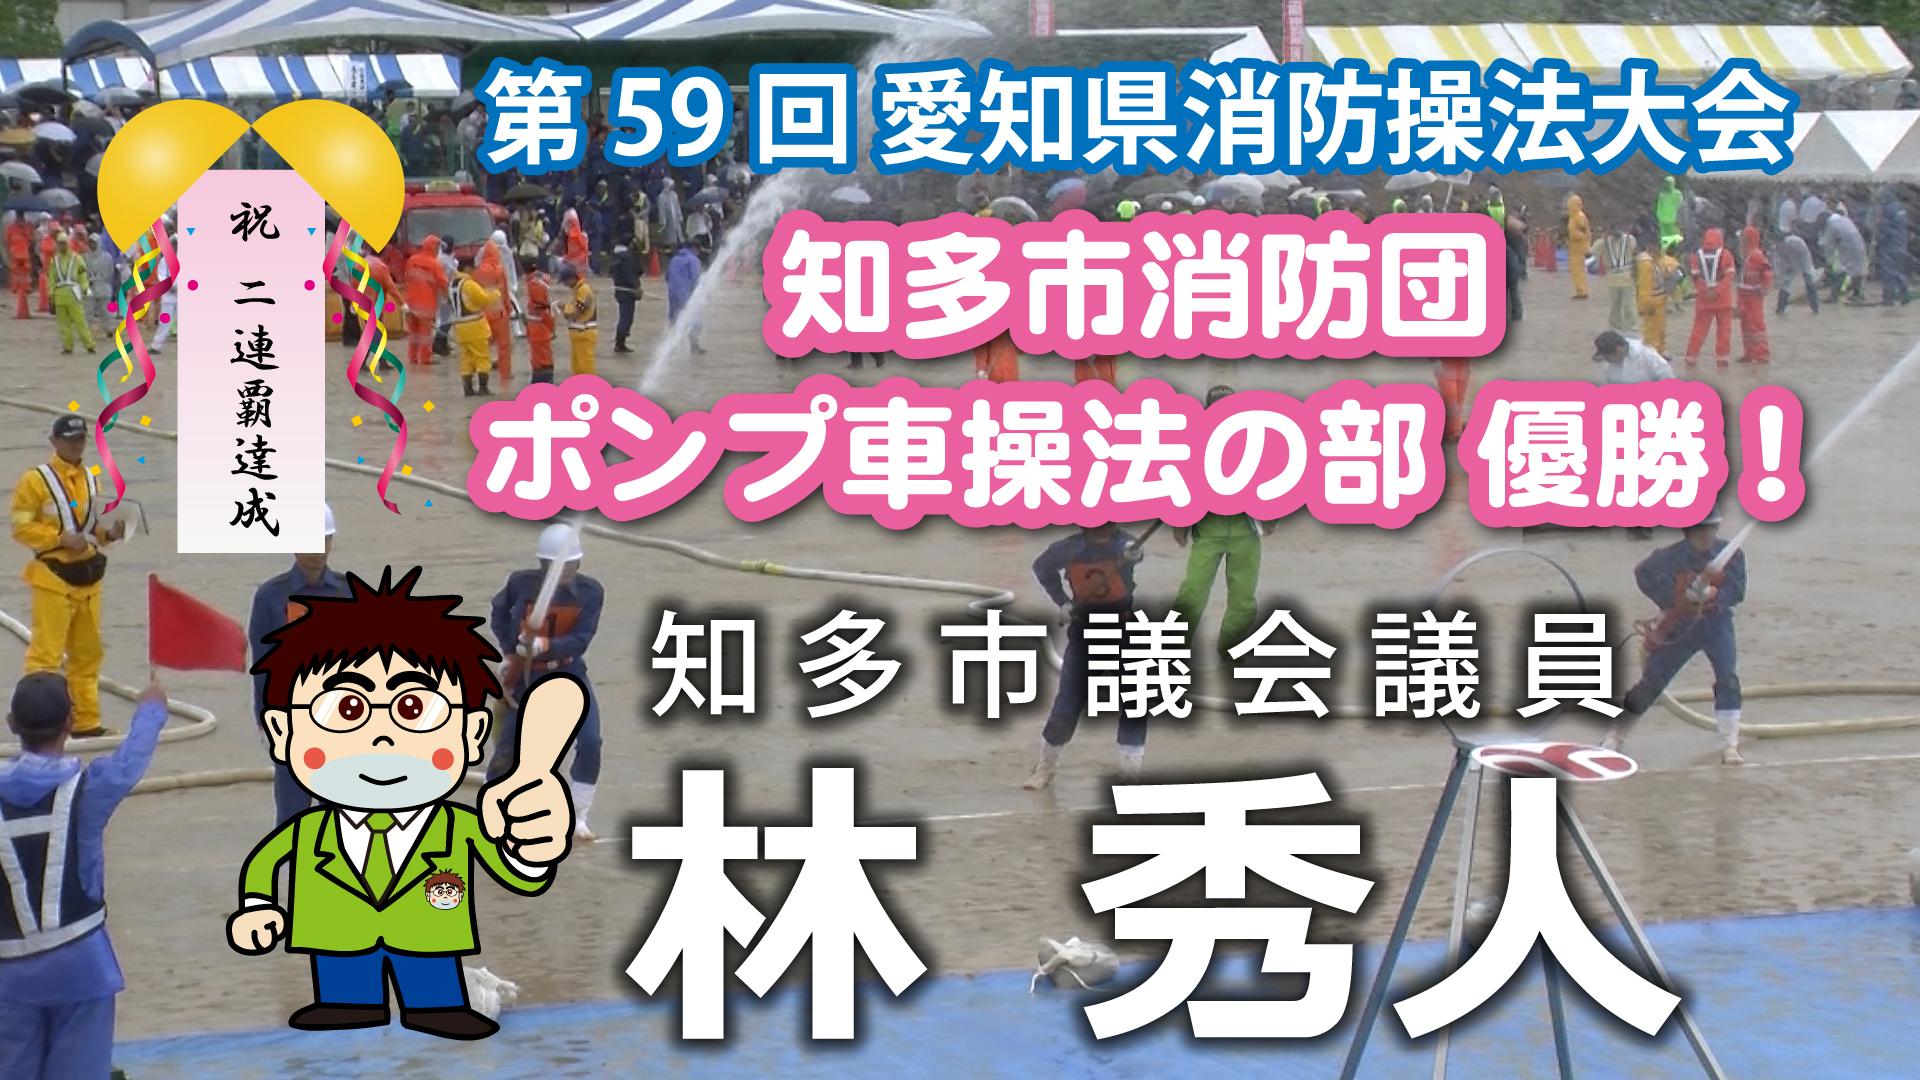 カスタムサムネイル59愛知消防操法大会